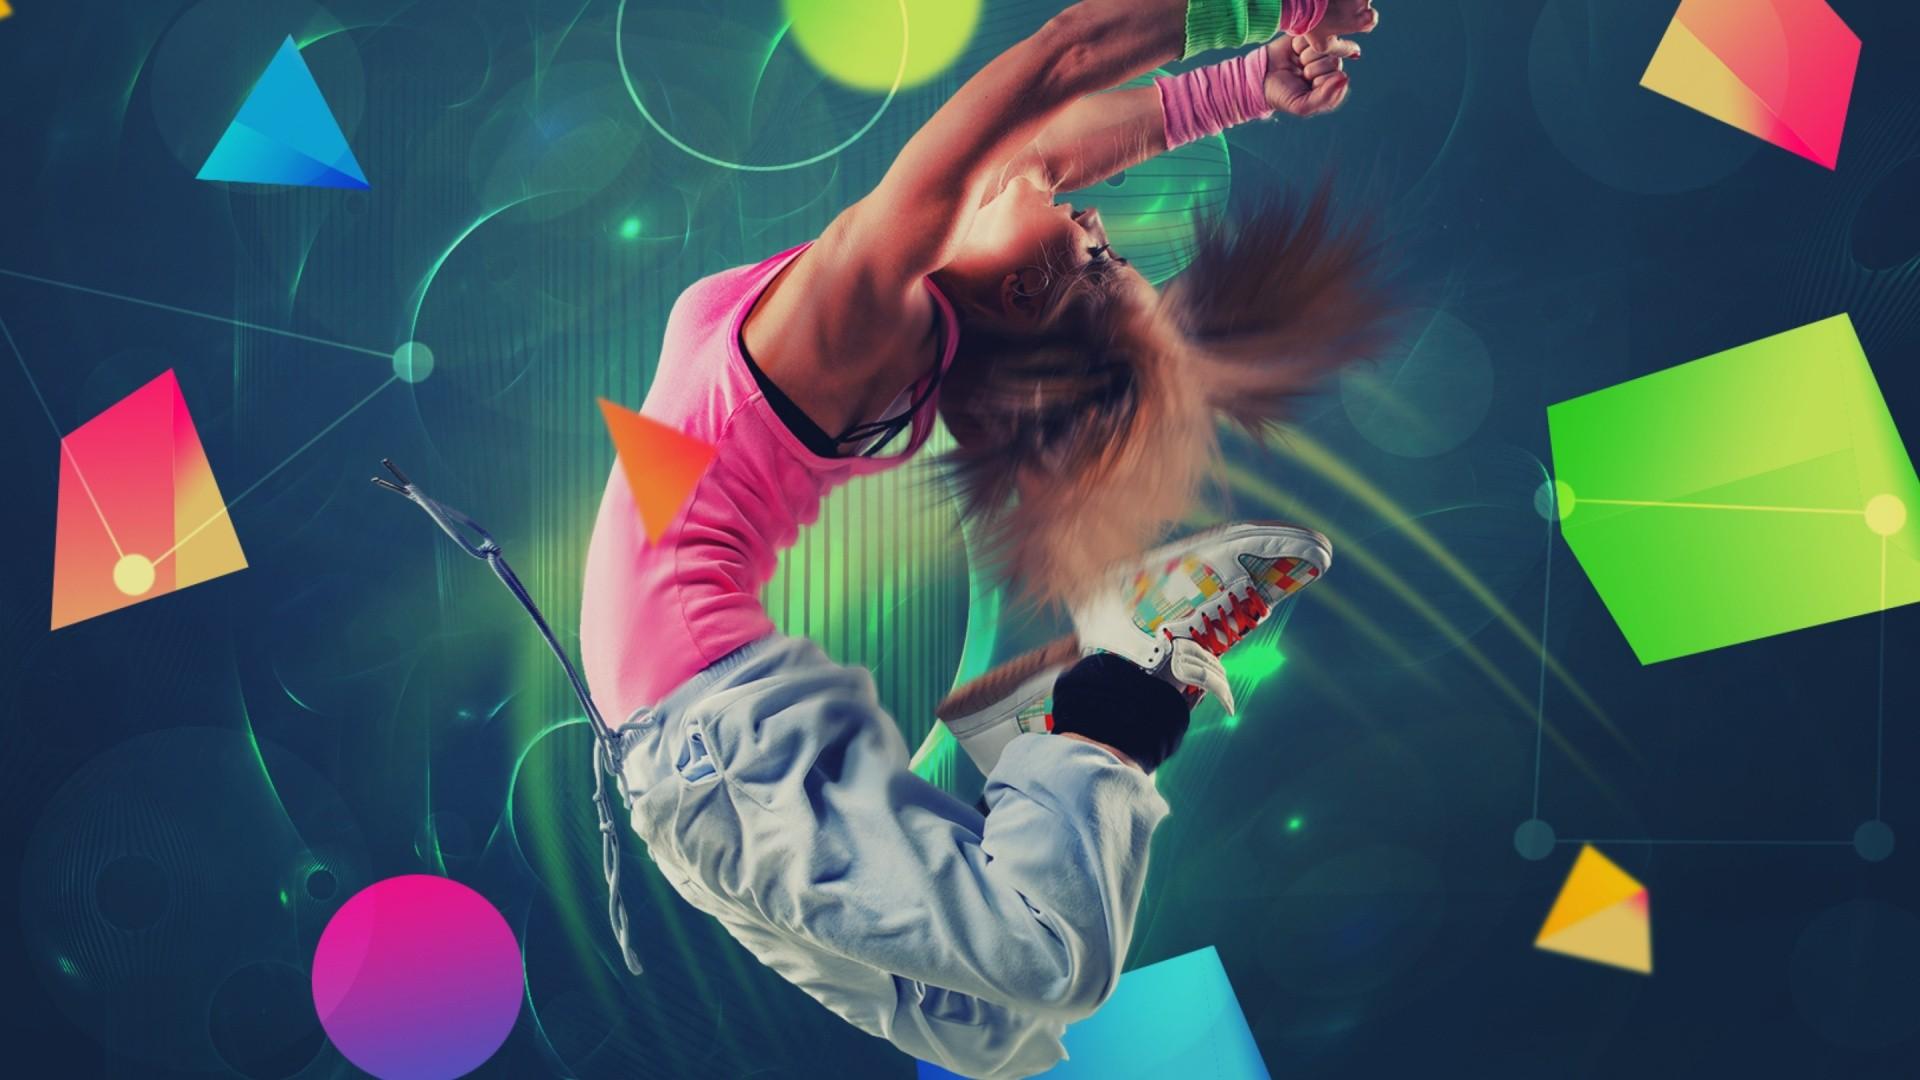 Dance computer wallpaper